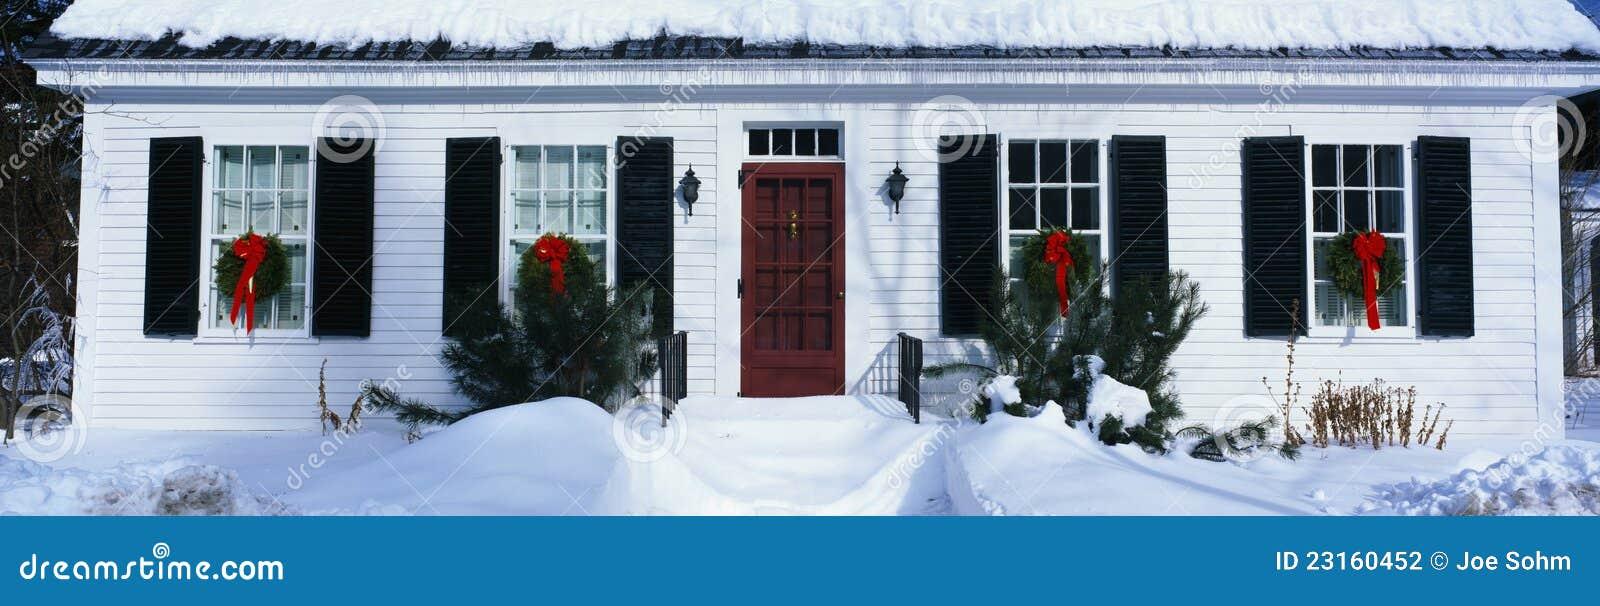 Haus in einer Wintereinstellung